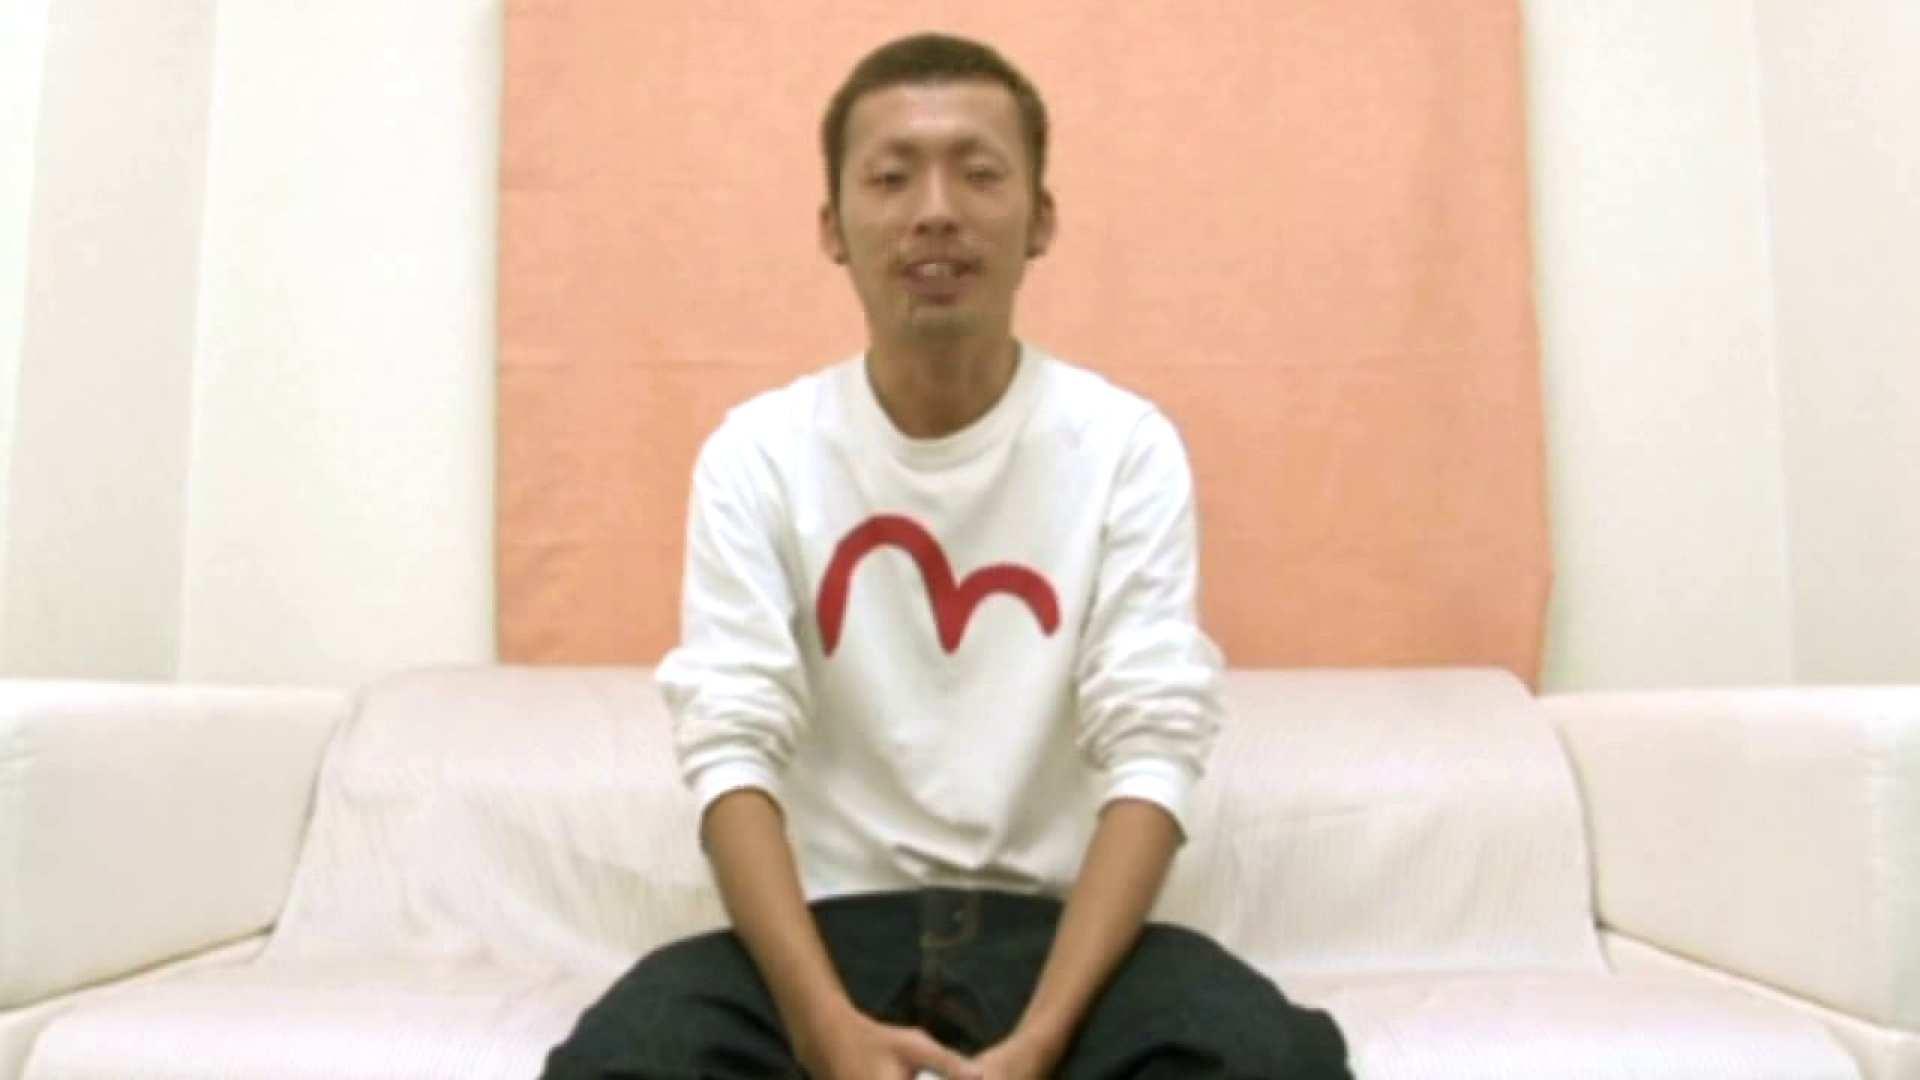 ノンケ!自慰スタジオ No.11 オナニー アダルトビデオ画像キャプチャ 110枚 19